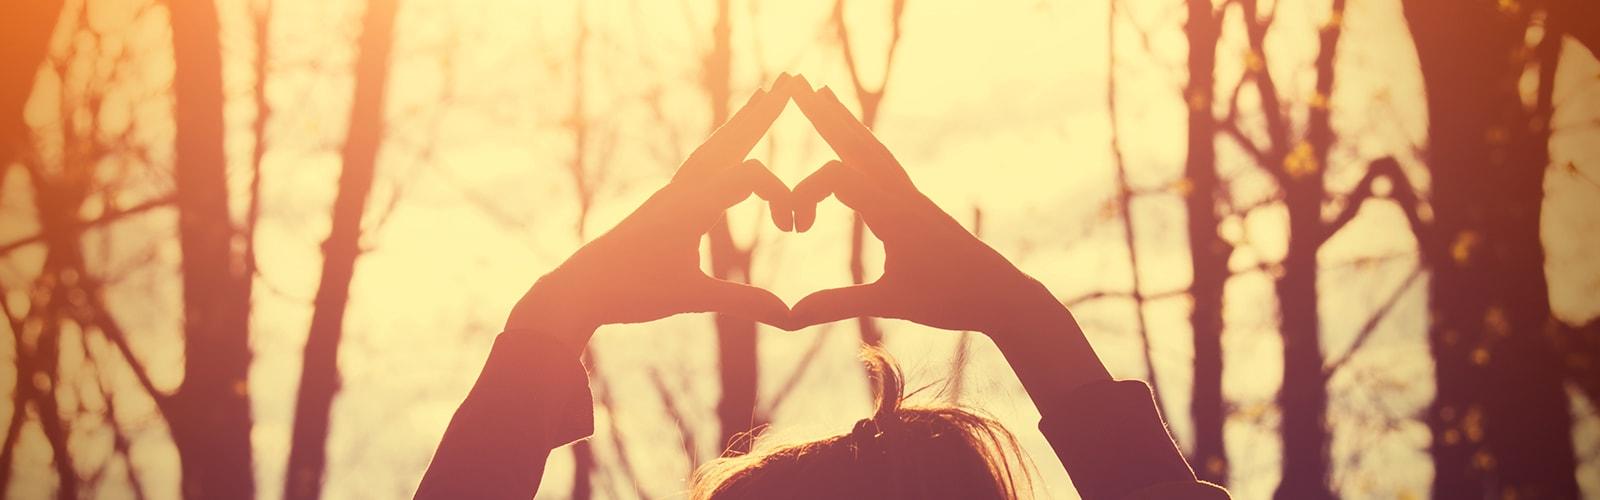 apri il tuo cuore alla vita